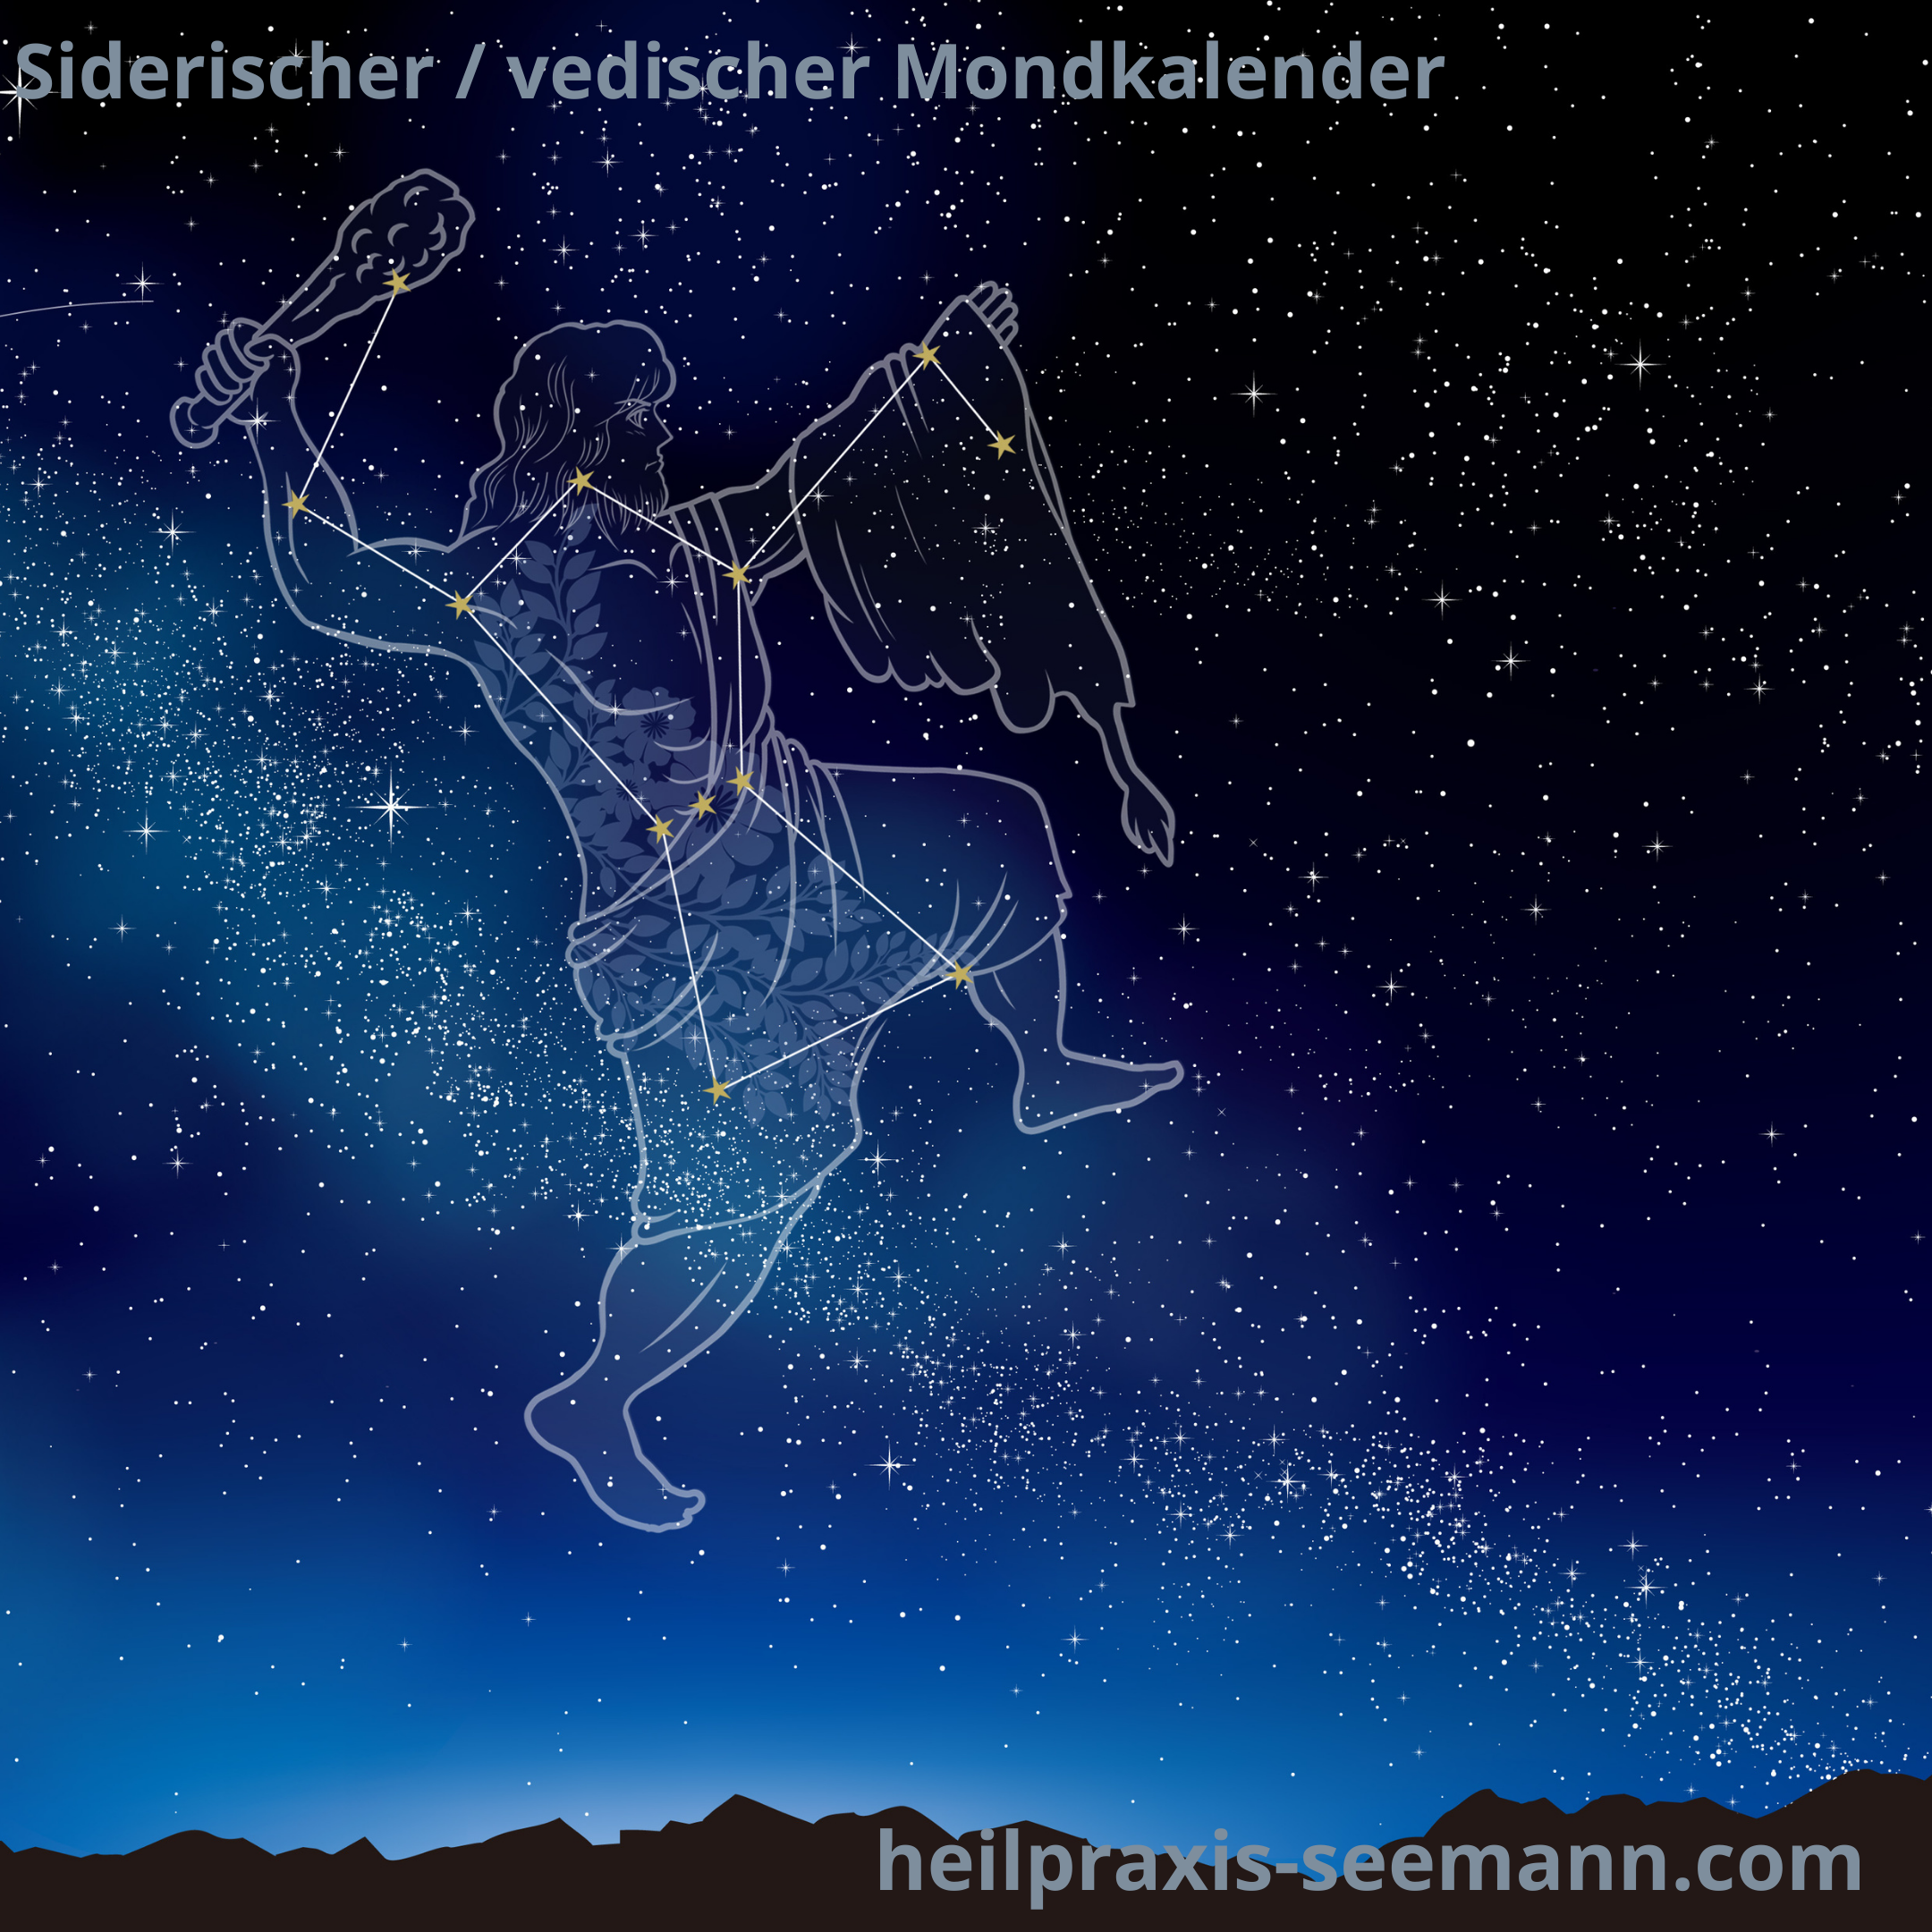 Siderische Mondkalender Orion